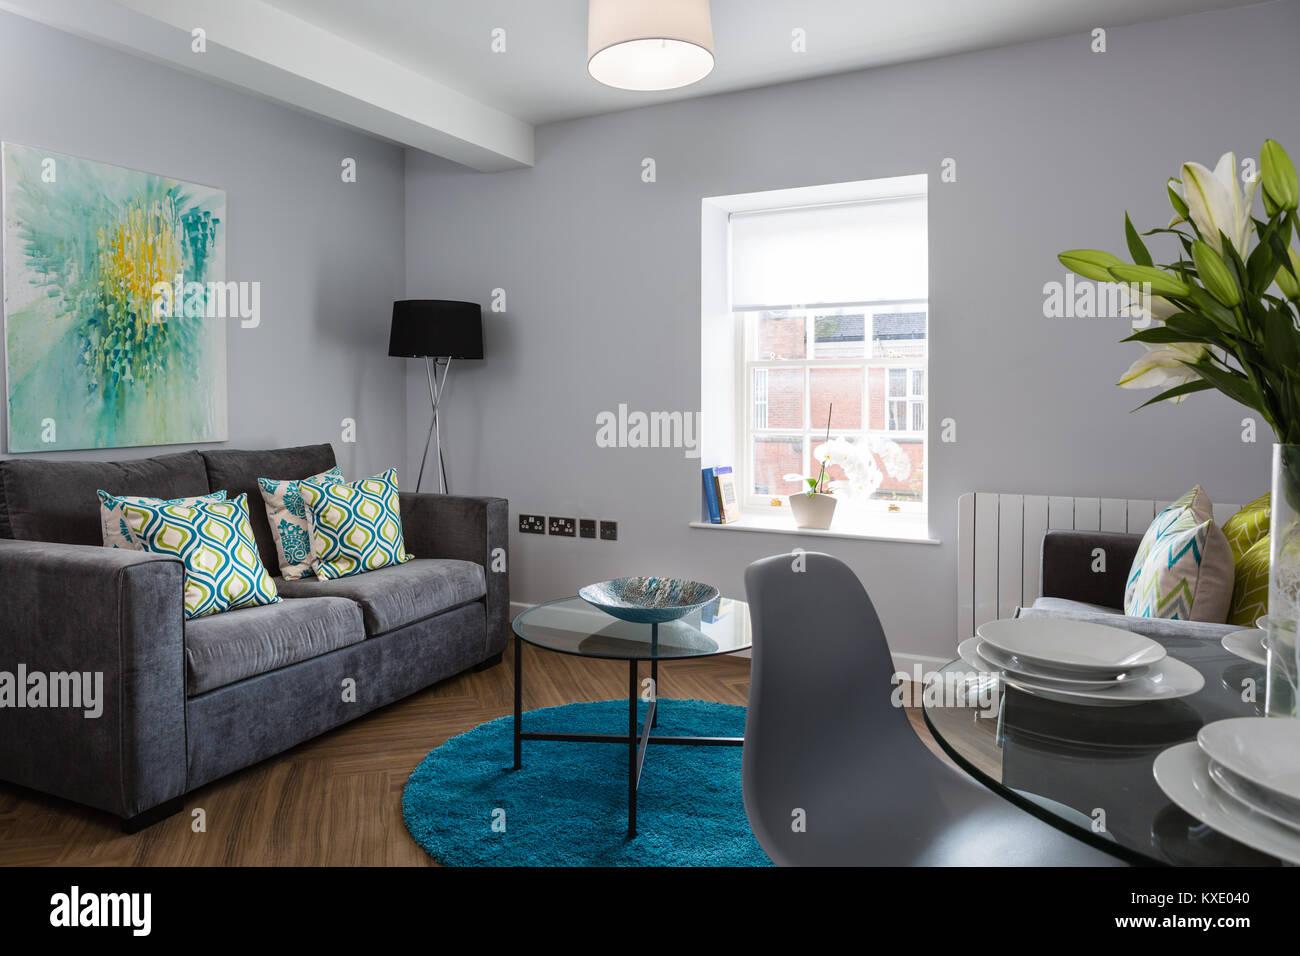 Soggiorno Con Divano Grigio Scuro divano grigio e tavolino in vetro immagini & divano grigio e